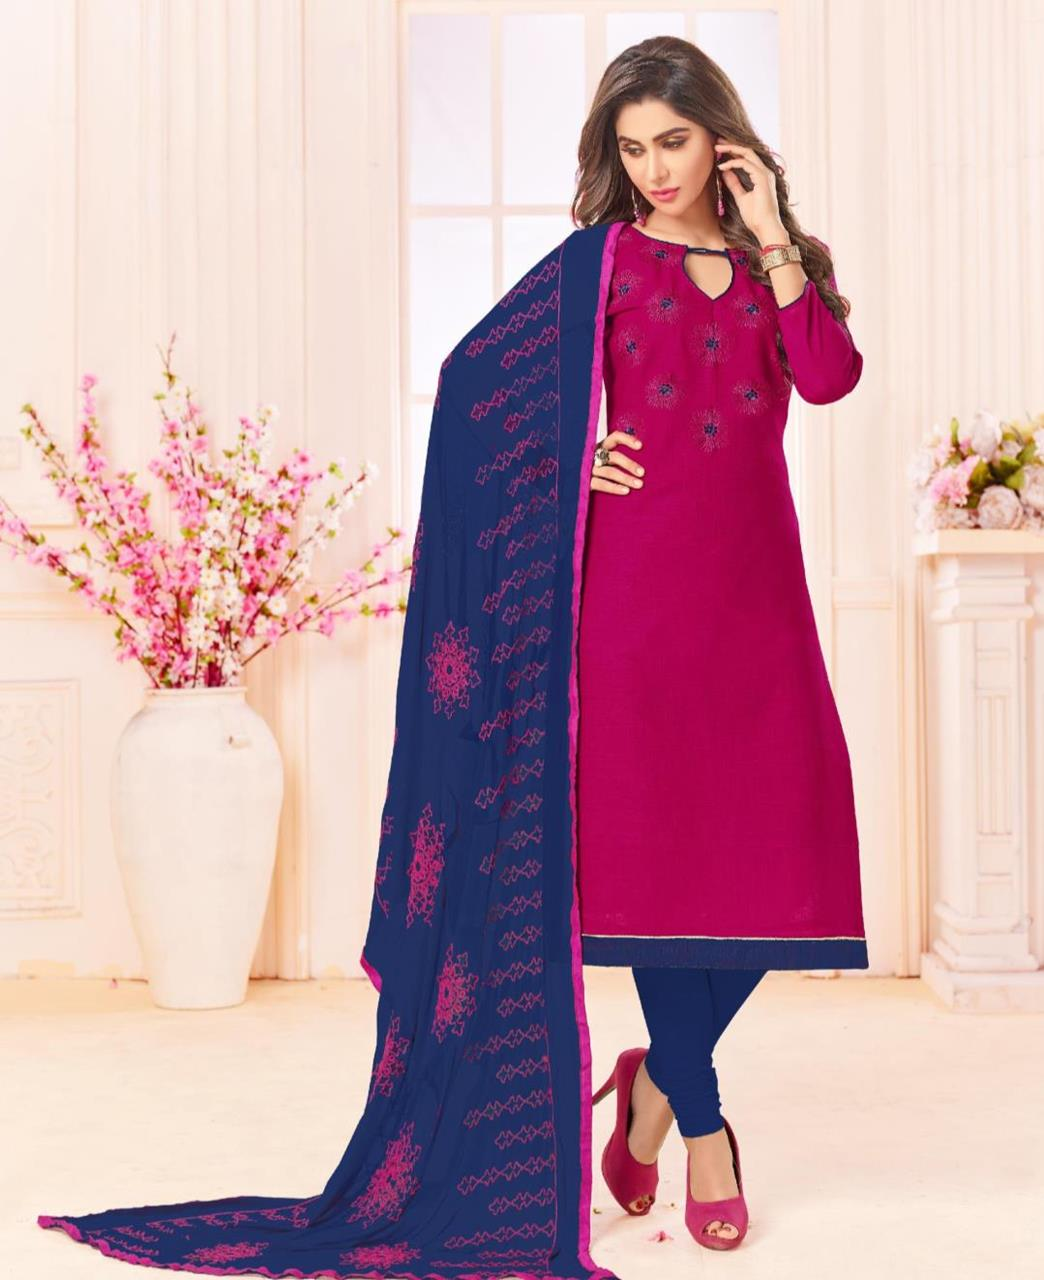 Embroidered Cotton Violet Straight Cut Salwar Kameez